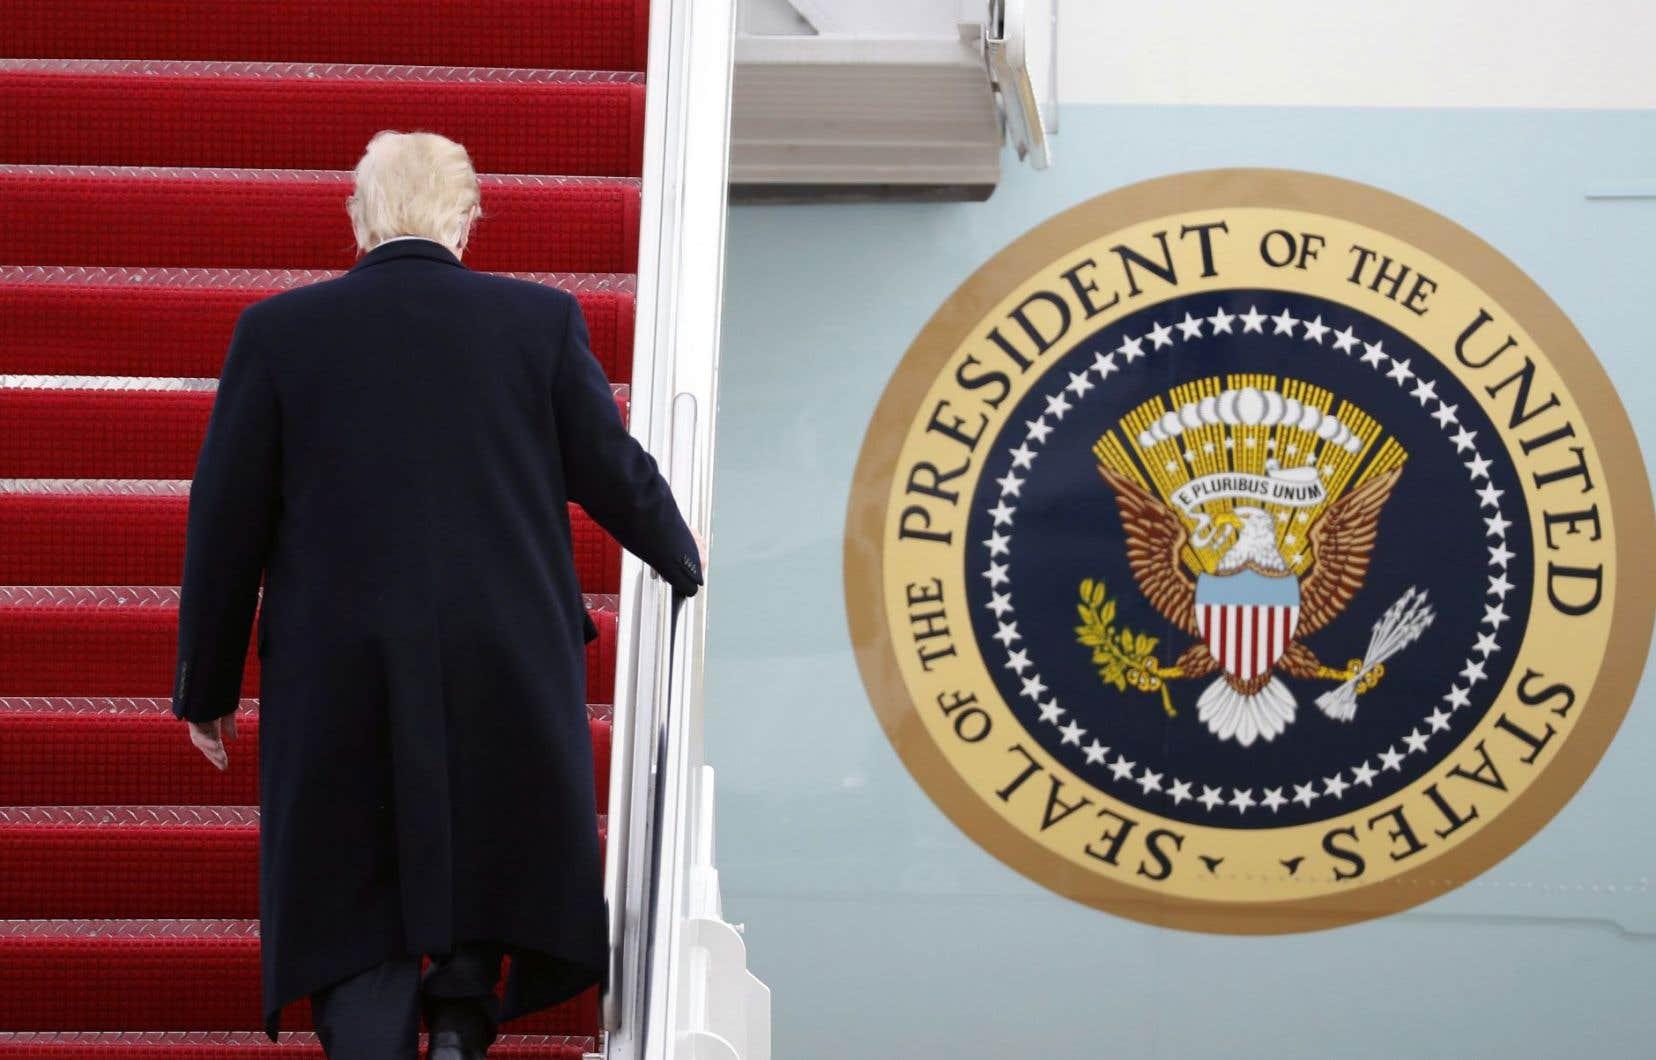 Le protectionnisme de Donald Trump obligera le gouvernement Couillard à multiplier les offensives auprès des États américains pour faire pression sur Washington, selon les auteurs.